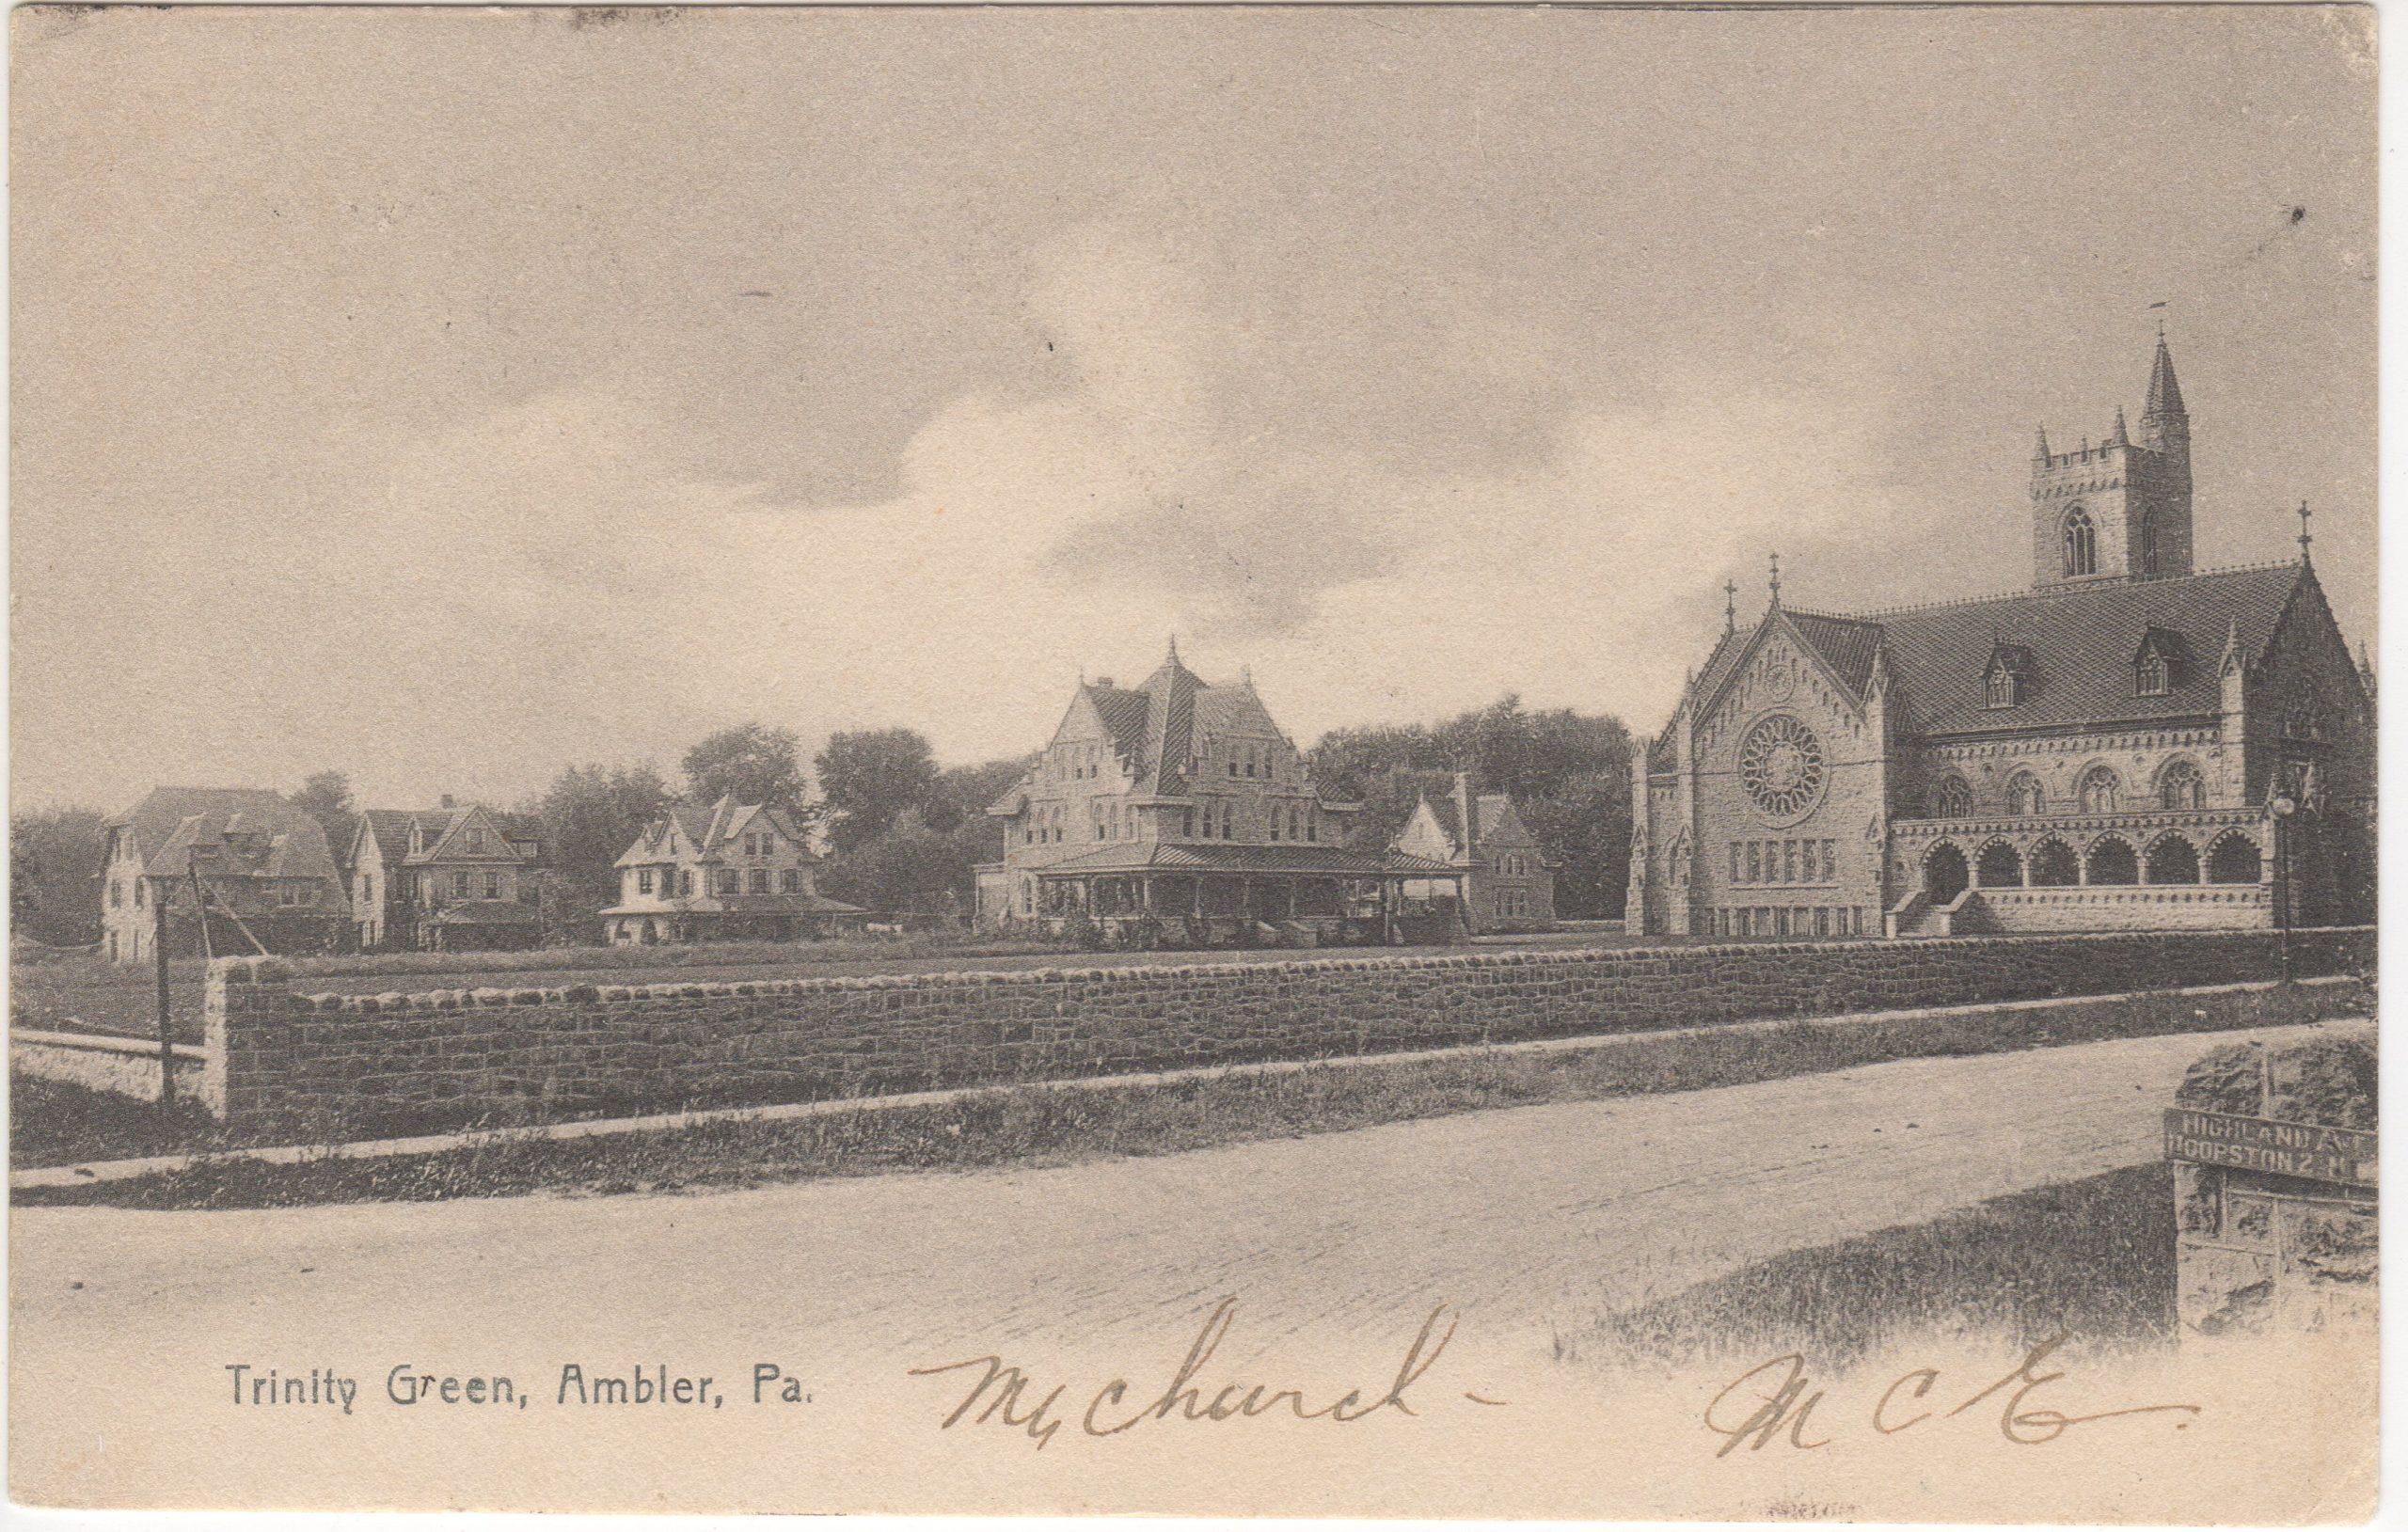 4125.23 Ambler Pa Postcard_Trinity Green_circa 1907